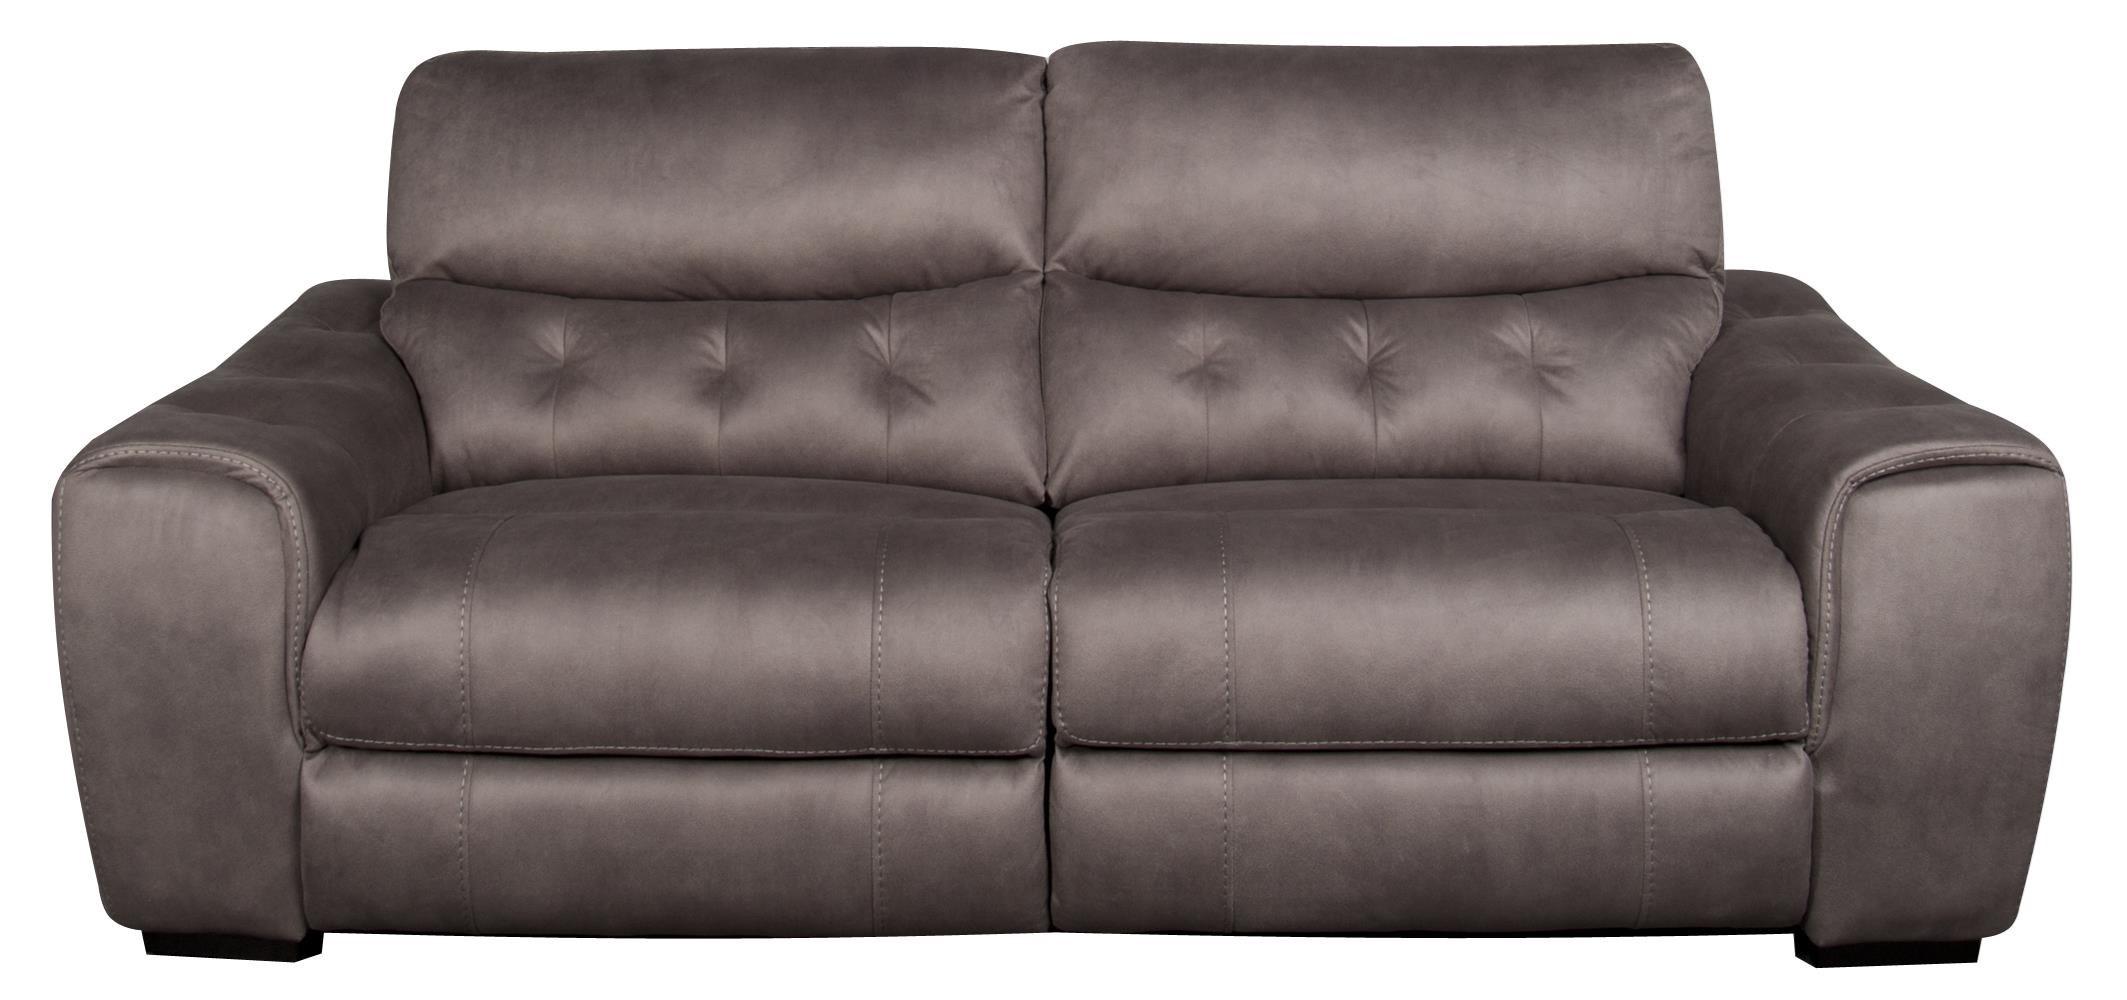 Morris Home Reese Reese Dual Power Sofa - Item Number: 871960587